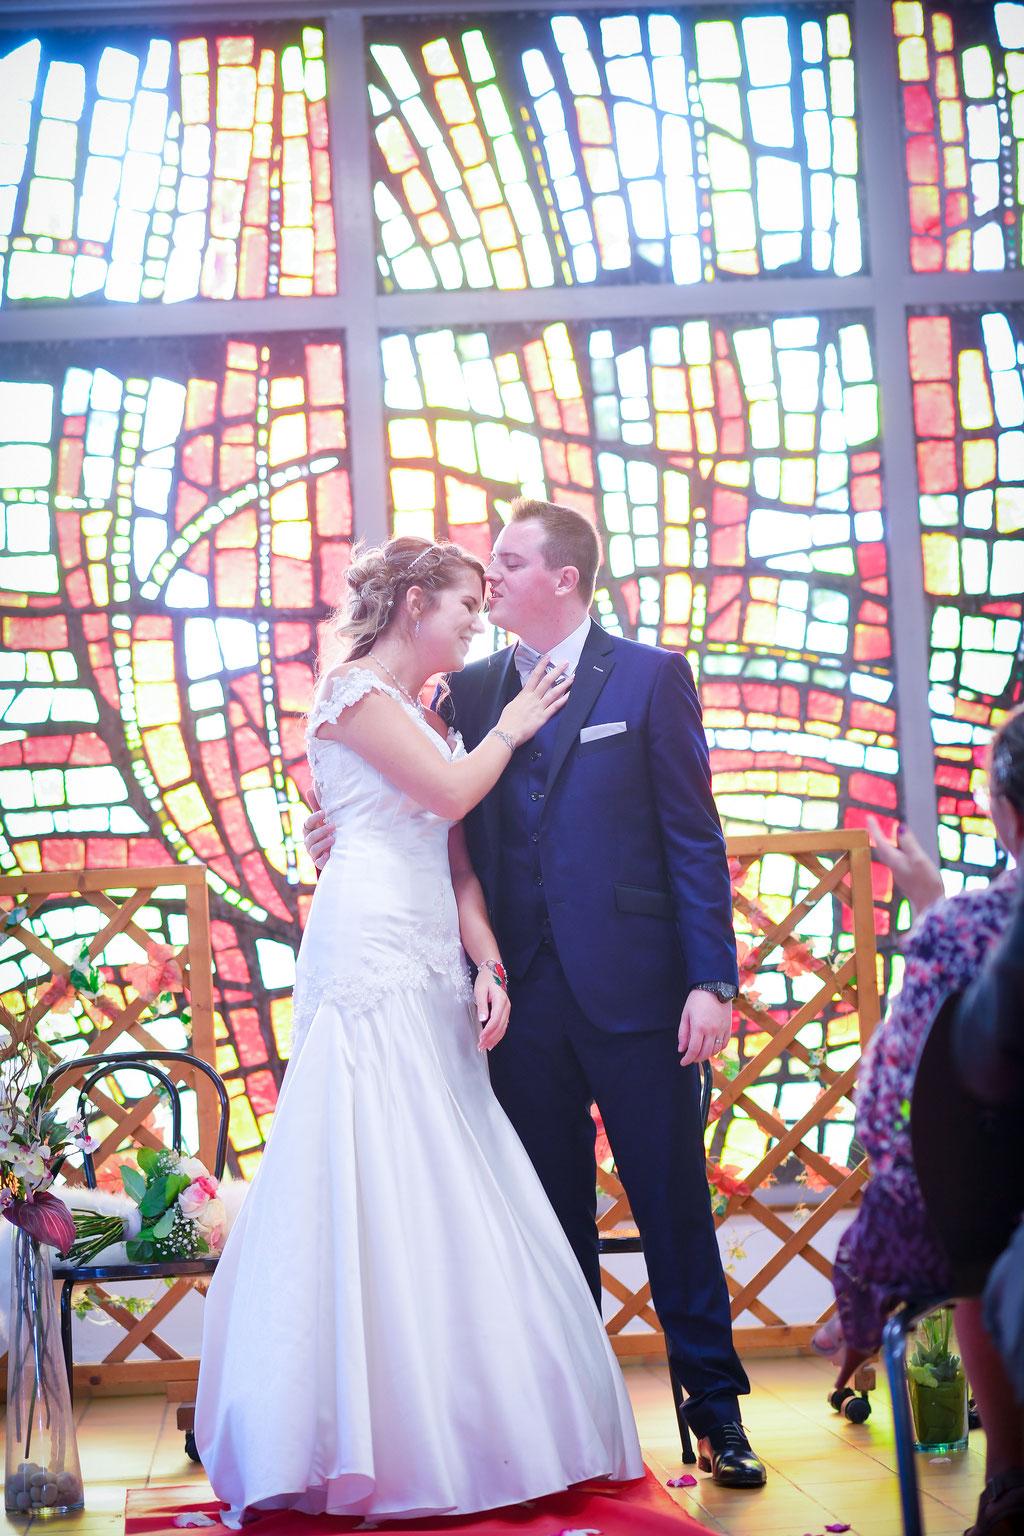 Cérémonie laïque de mariage by Charlotte Vilain / Crédit photo Something Pink Studio